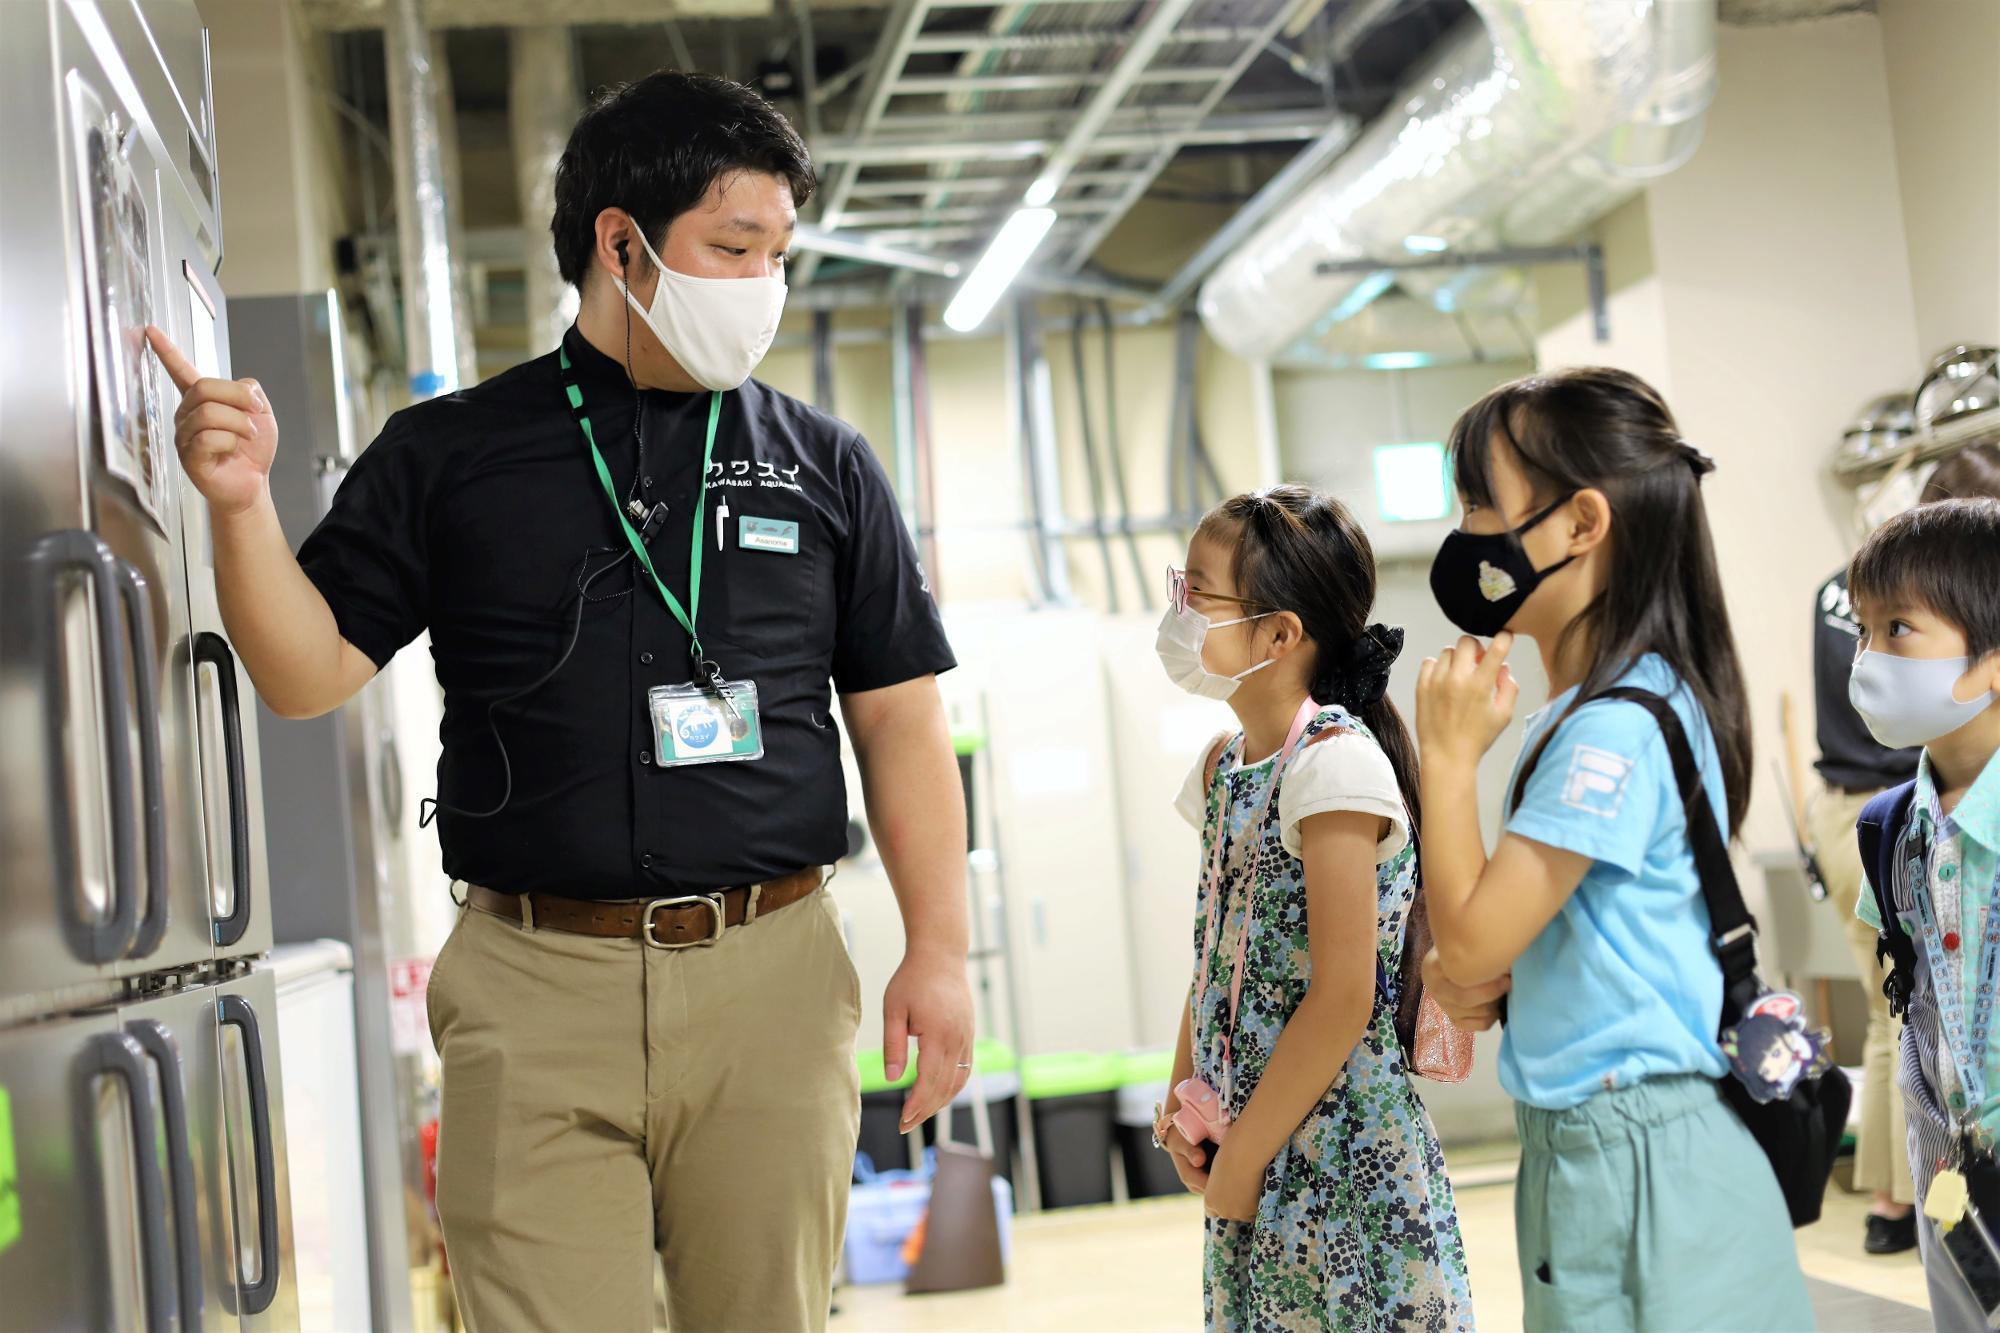 子どもたちにバックヤードの役割について分かりやすく案内する浅野目さん(写真 左)